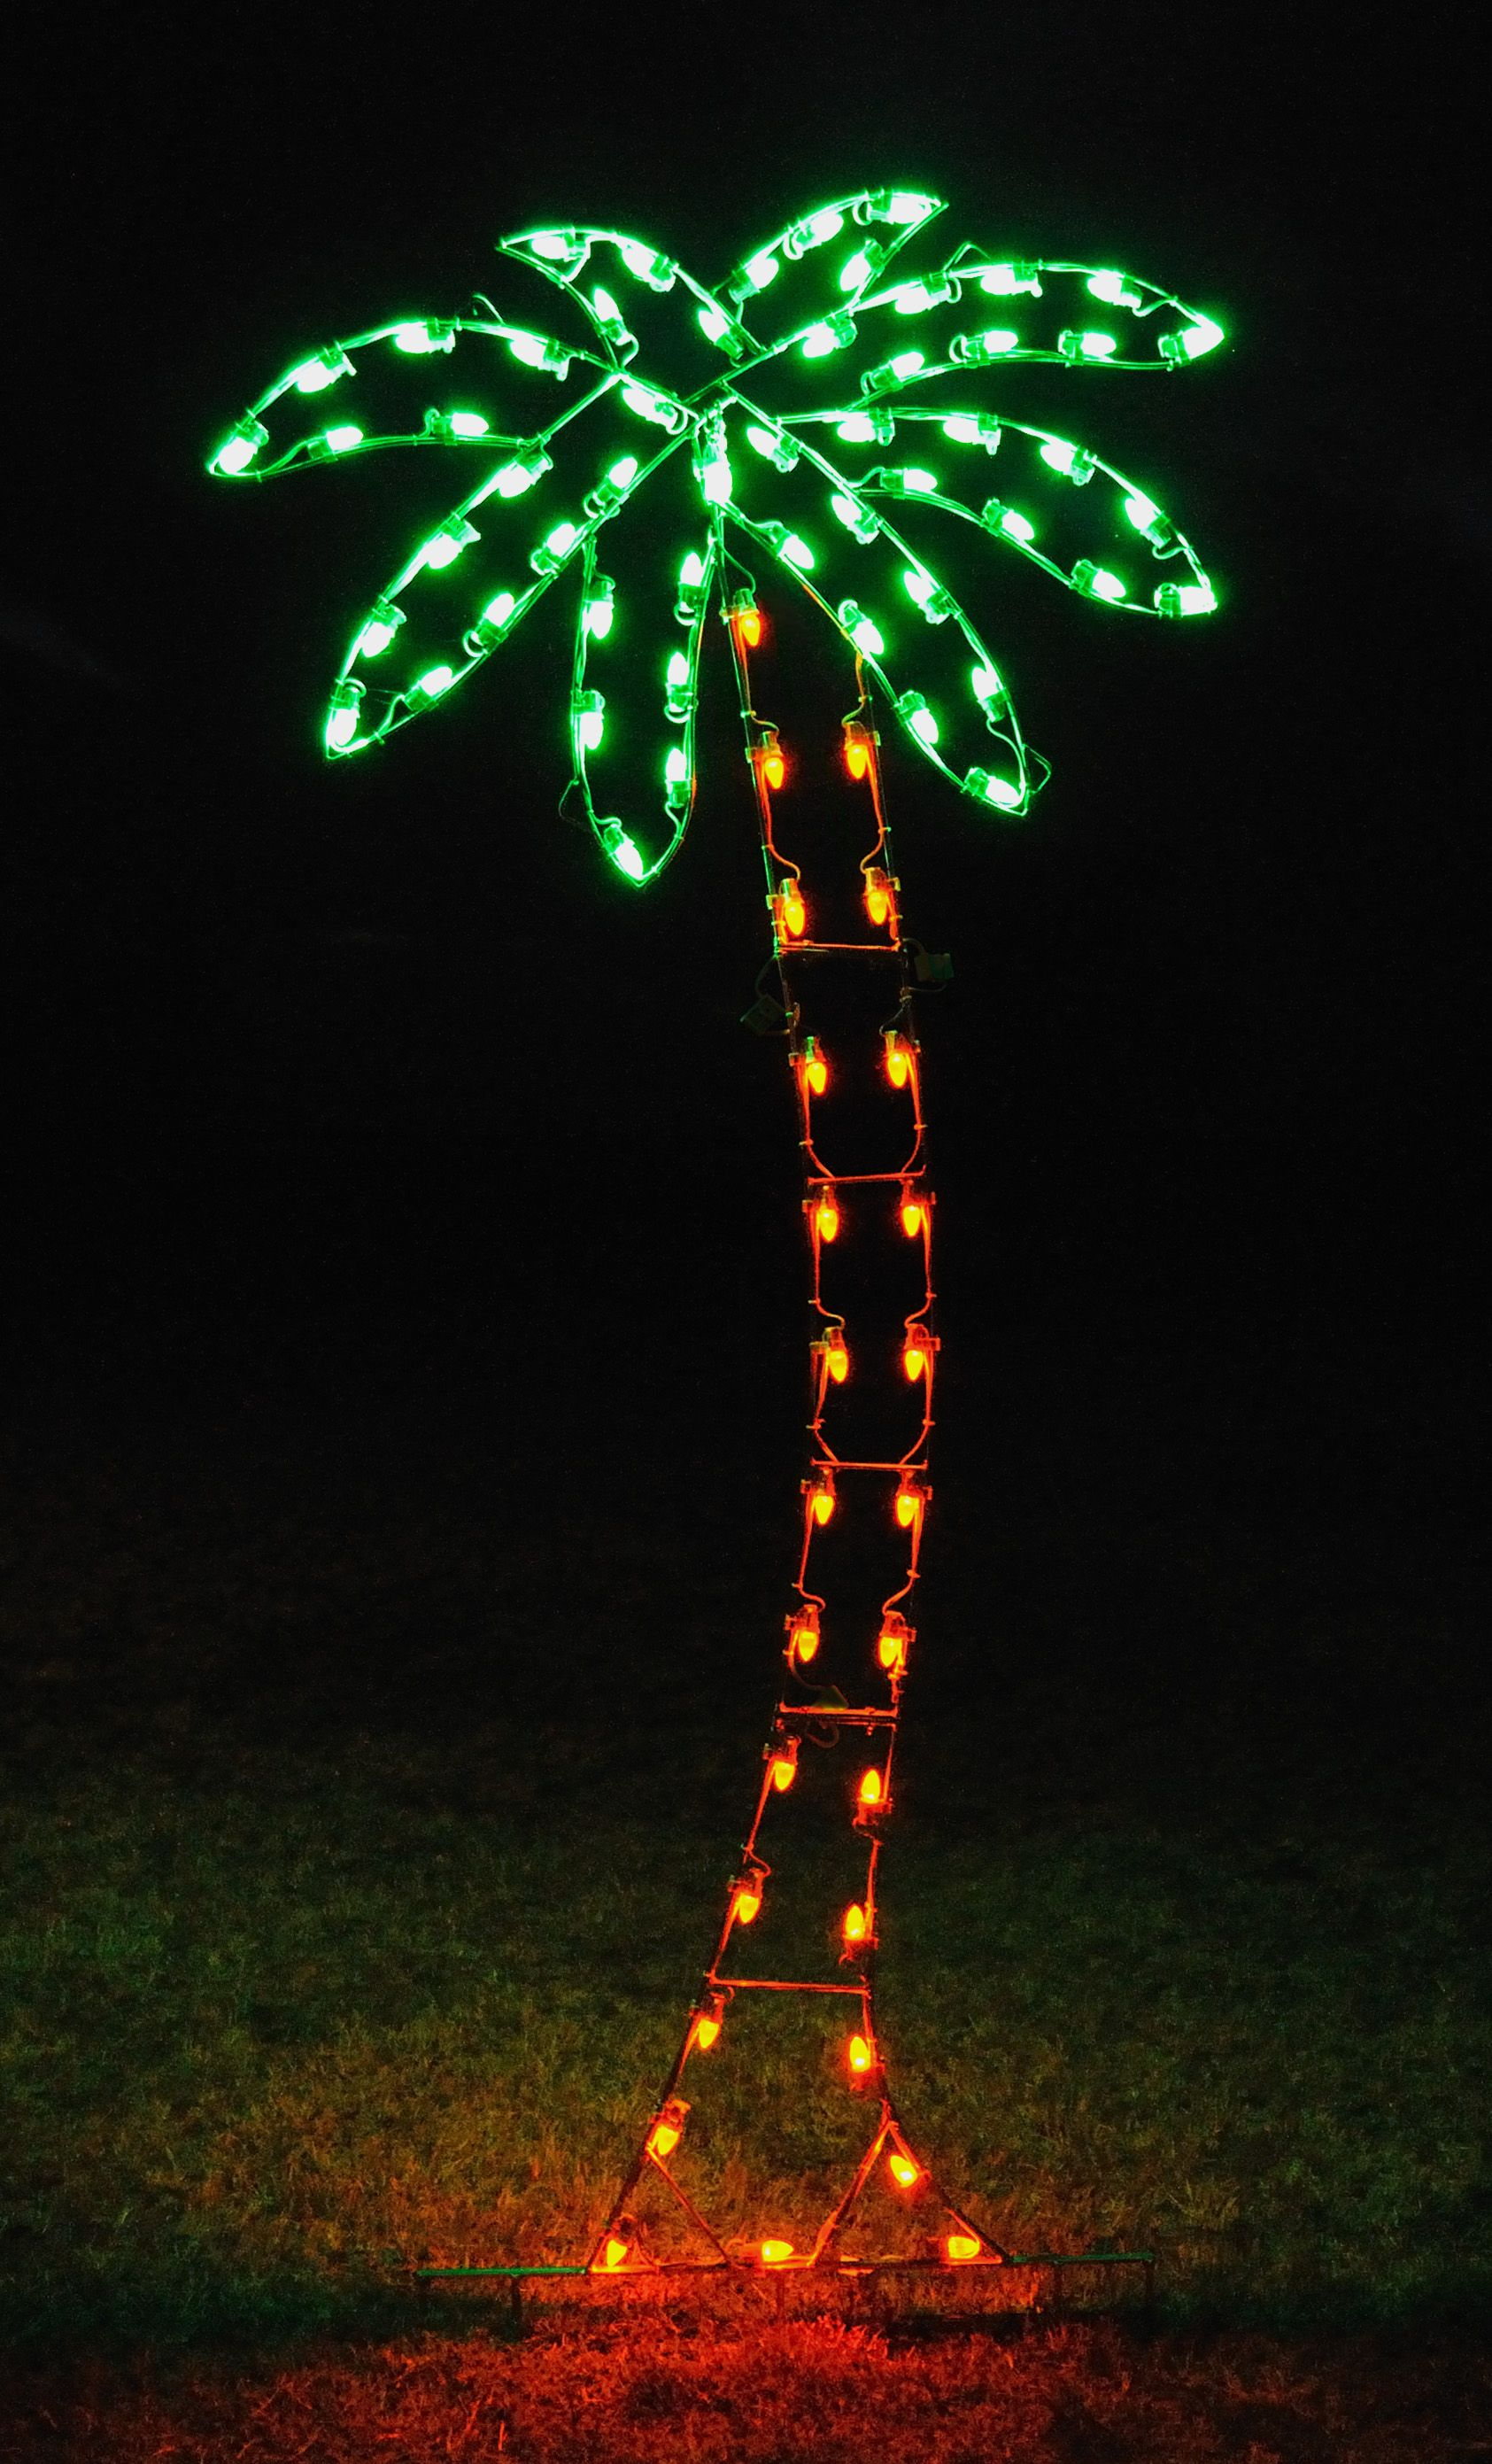 Holiday Lighting Palm Tree